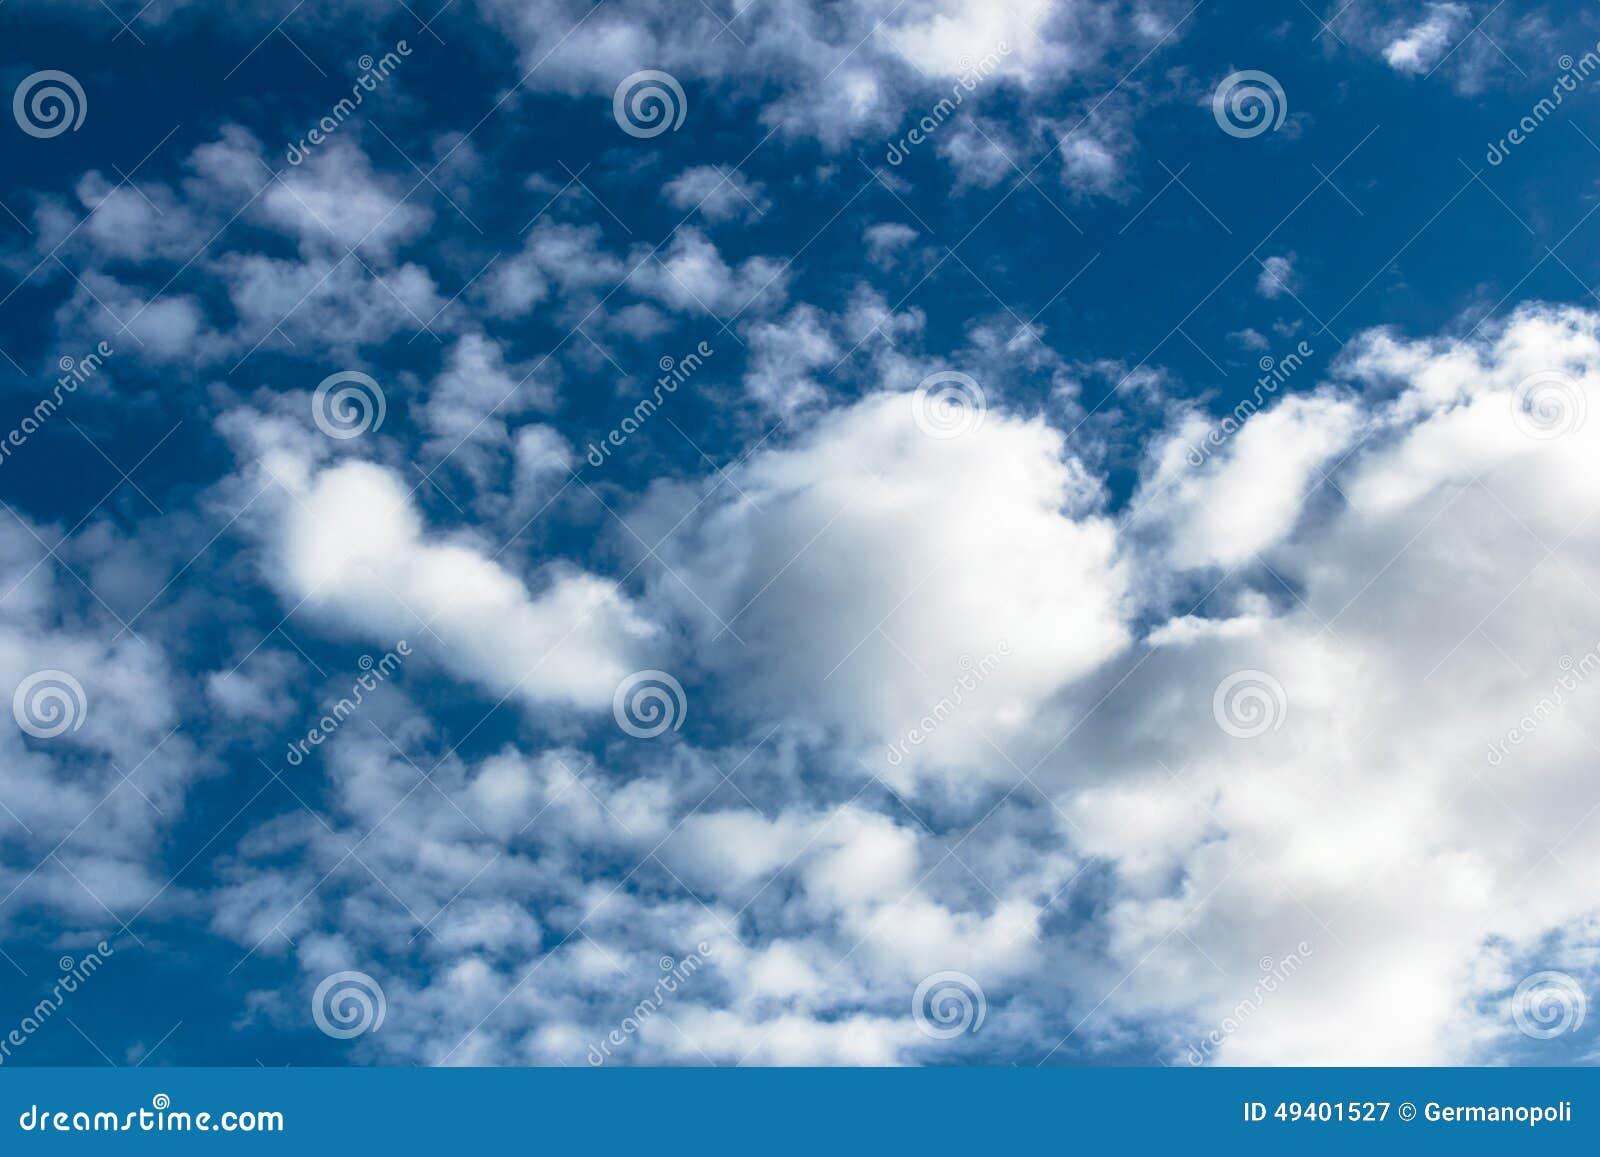 Download Baumwollblauer Himmel stockbild. Bild von papiere, respekt - 49401527